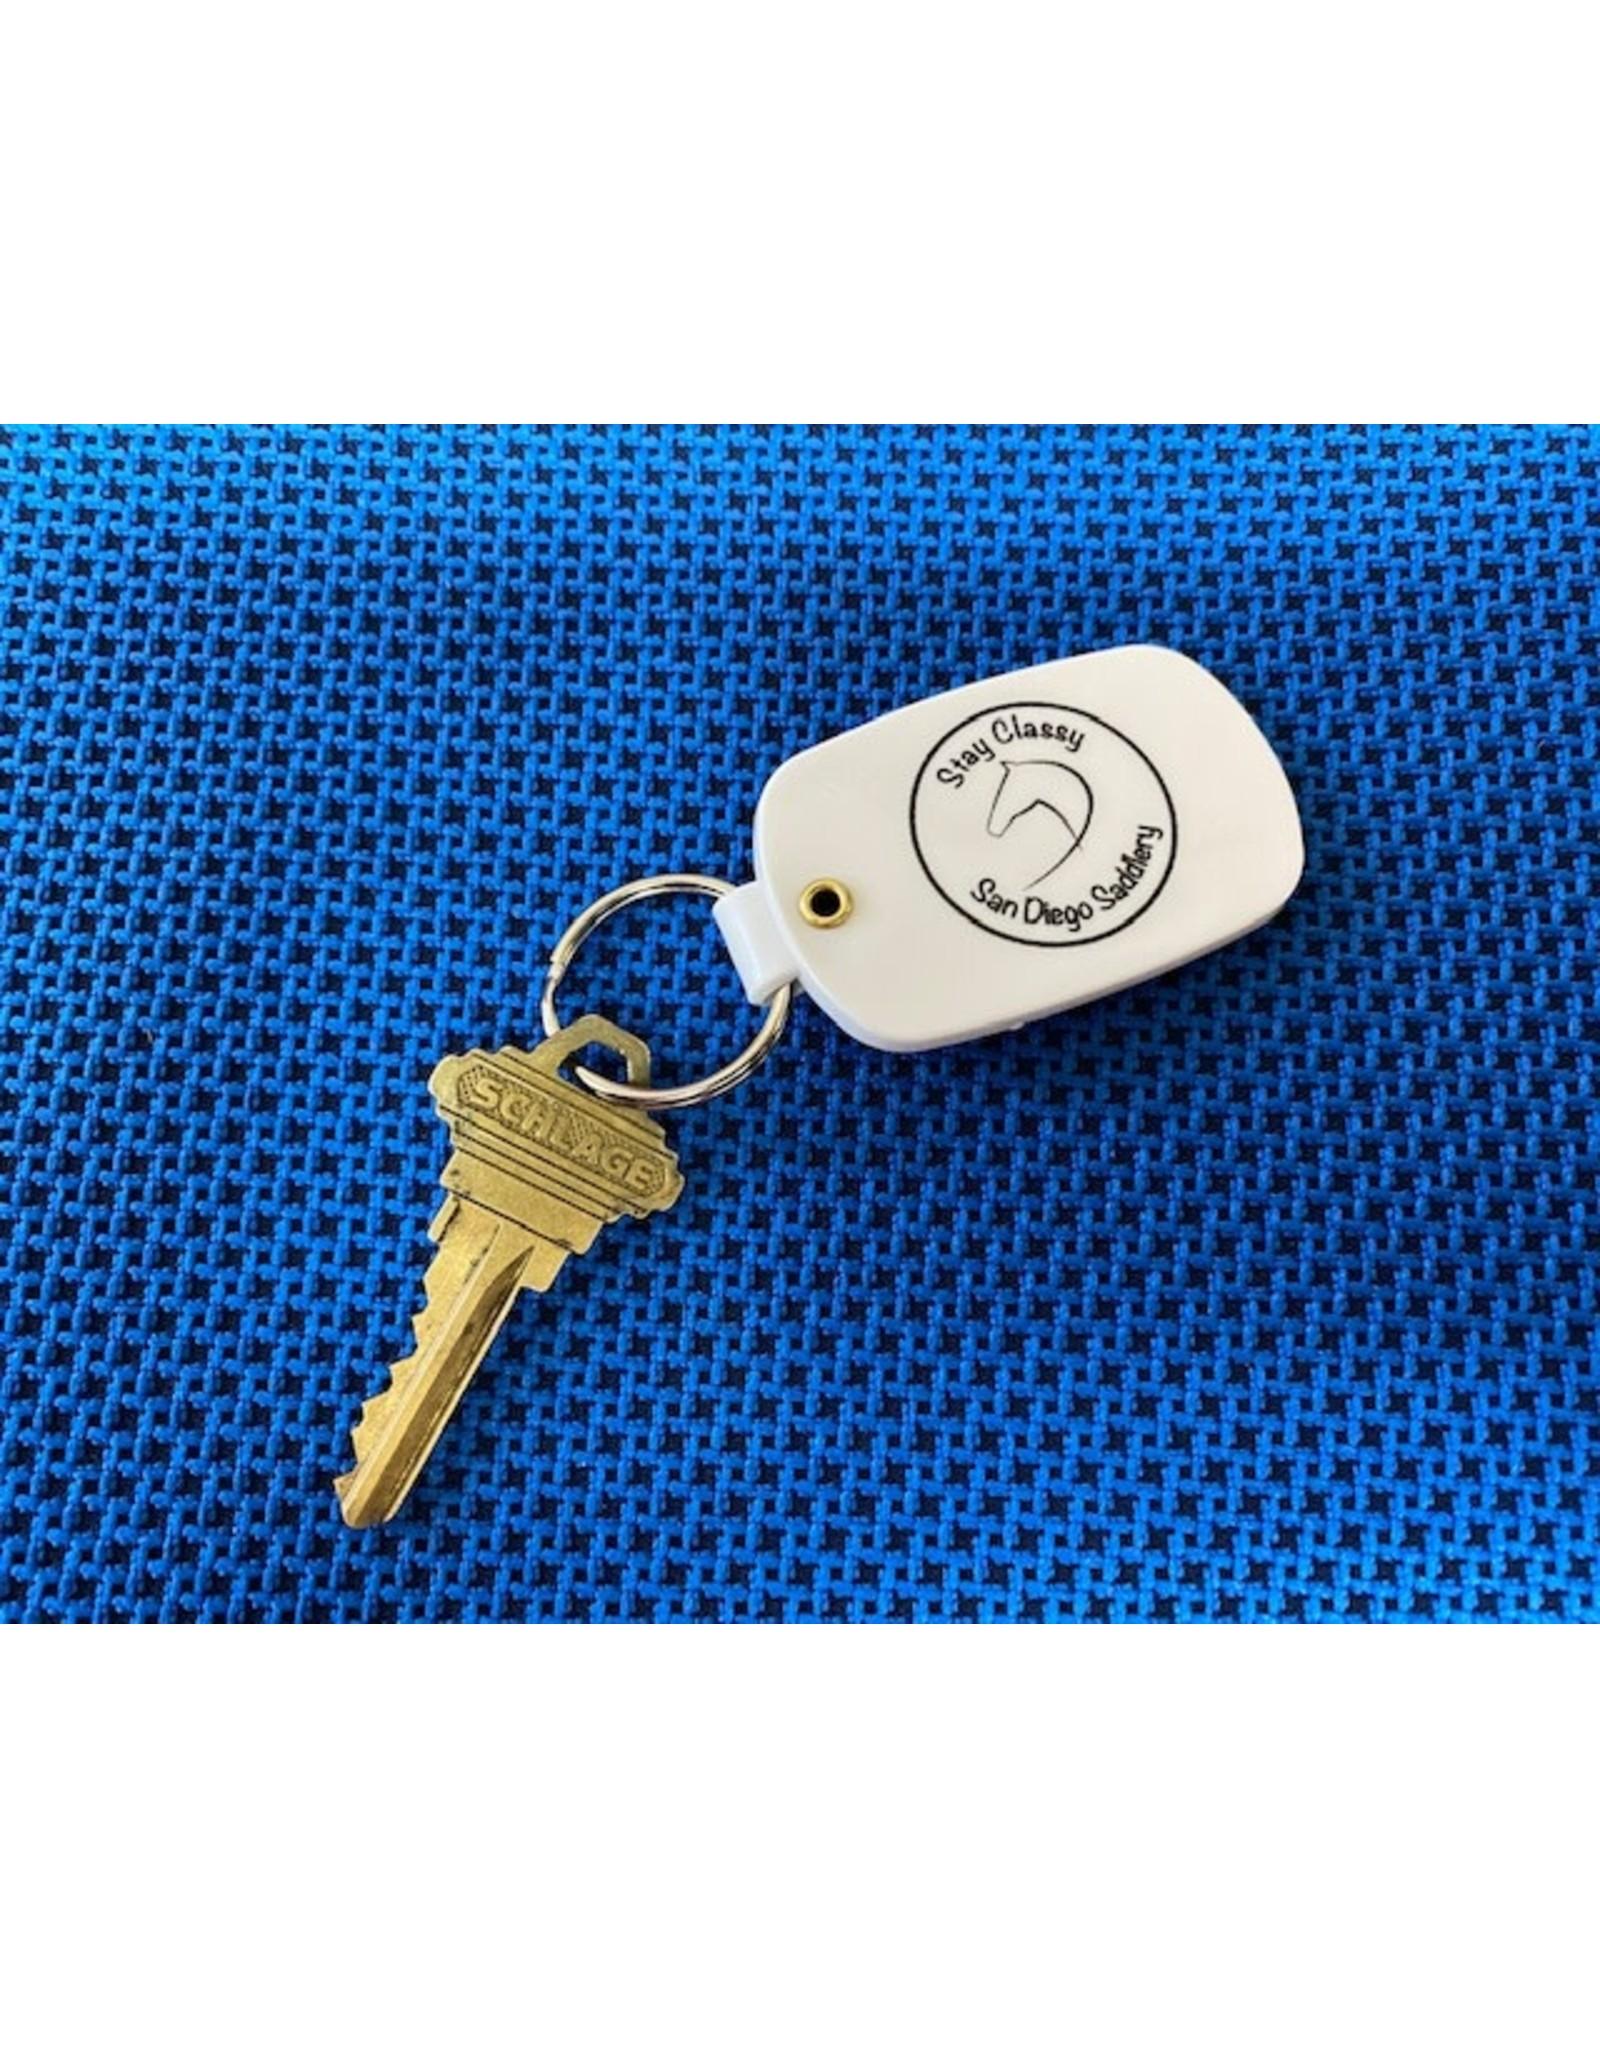 San Diego Saddlery Keychain